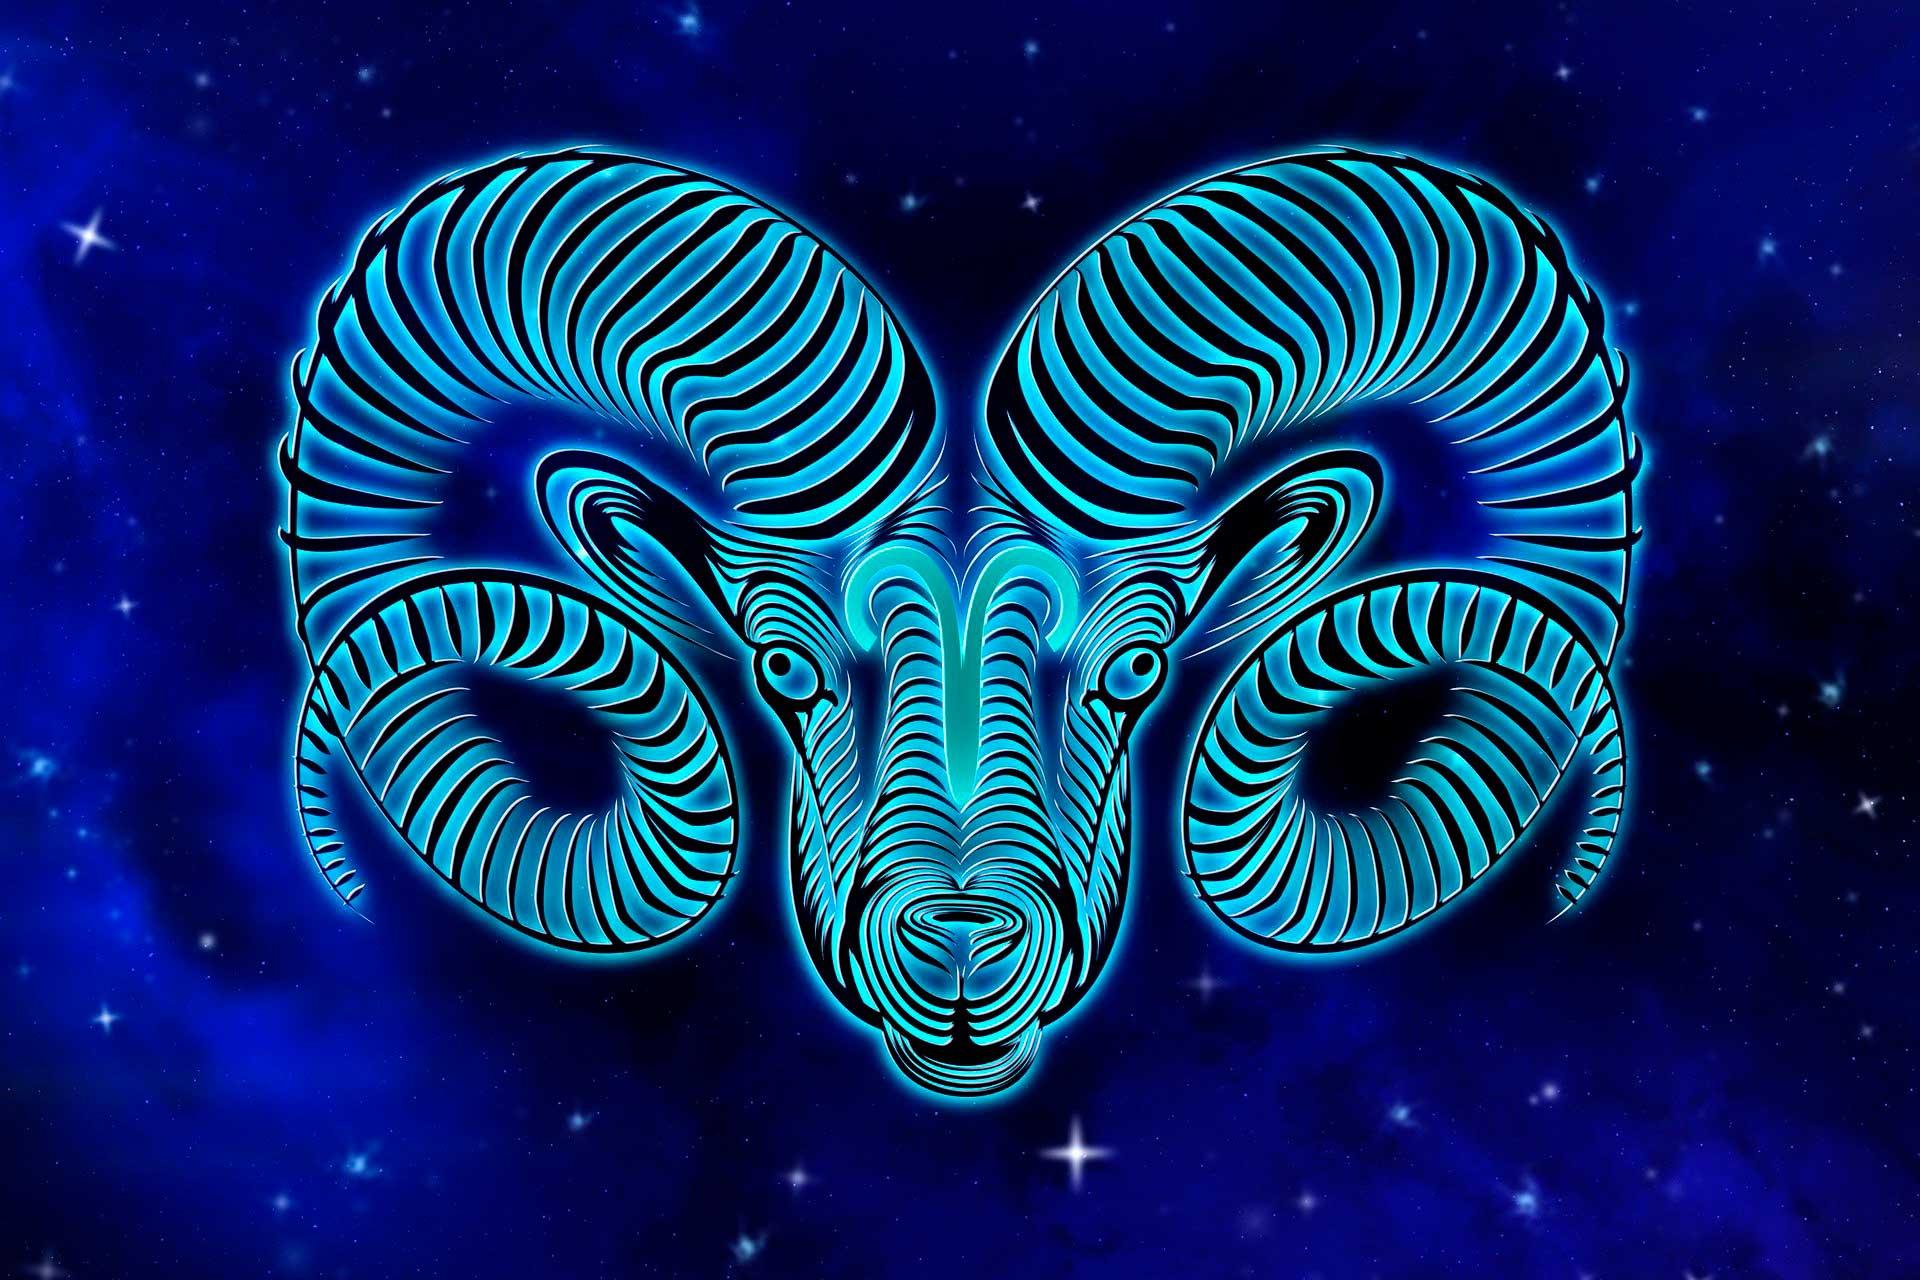 Гороскоп на 2021 год по знакам зодиака: предсказание для женщин и мужчин